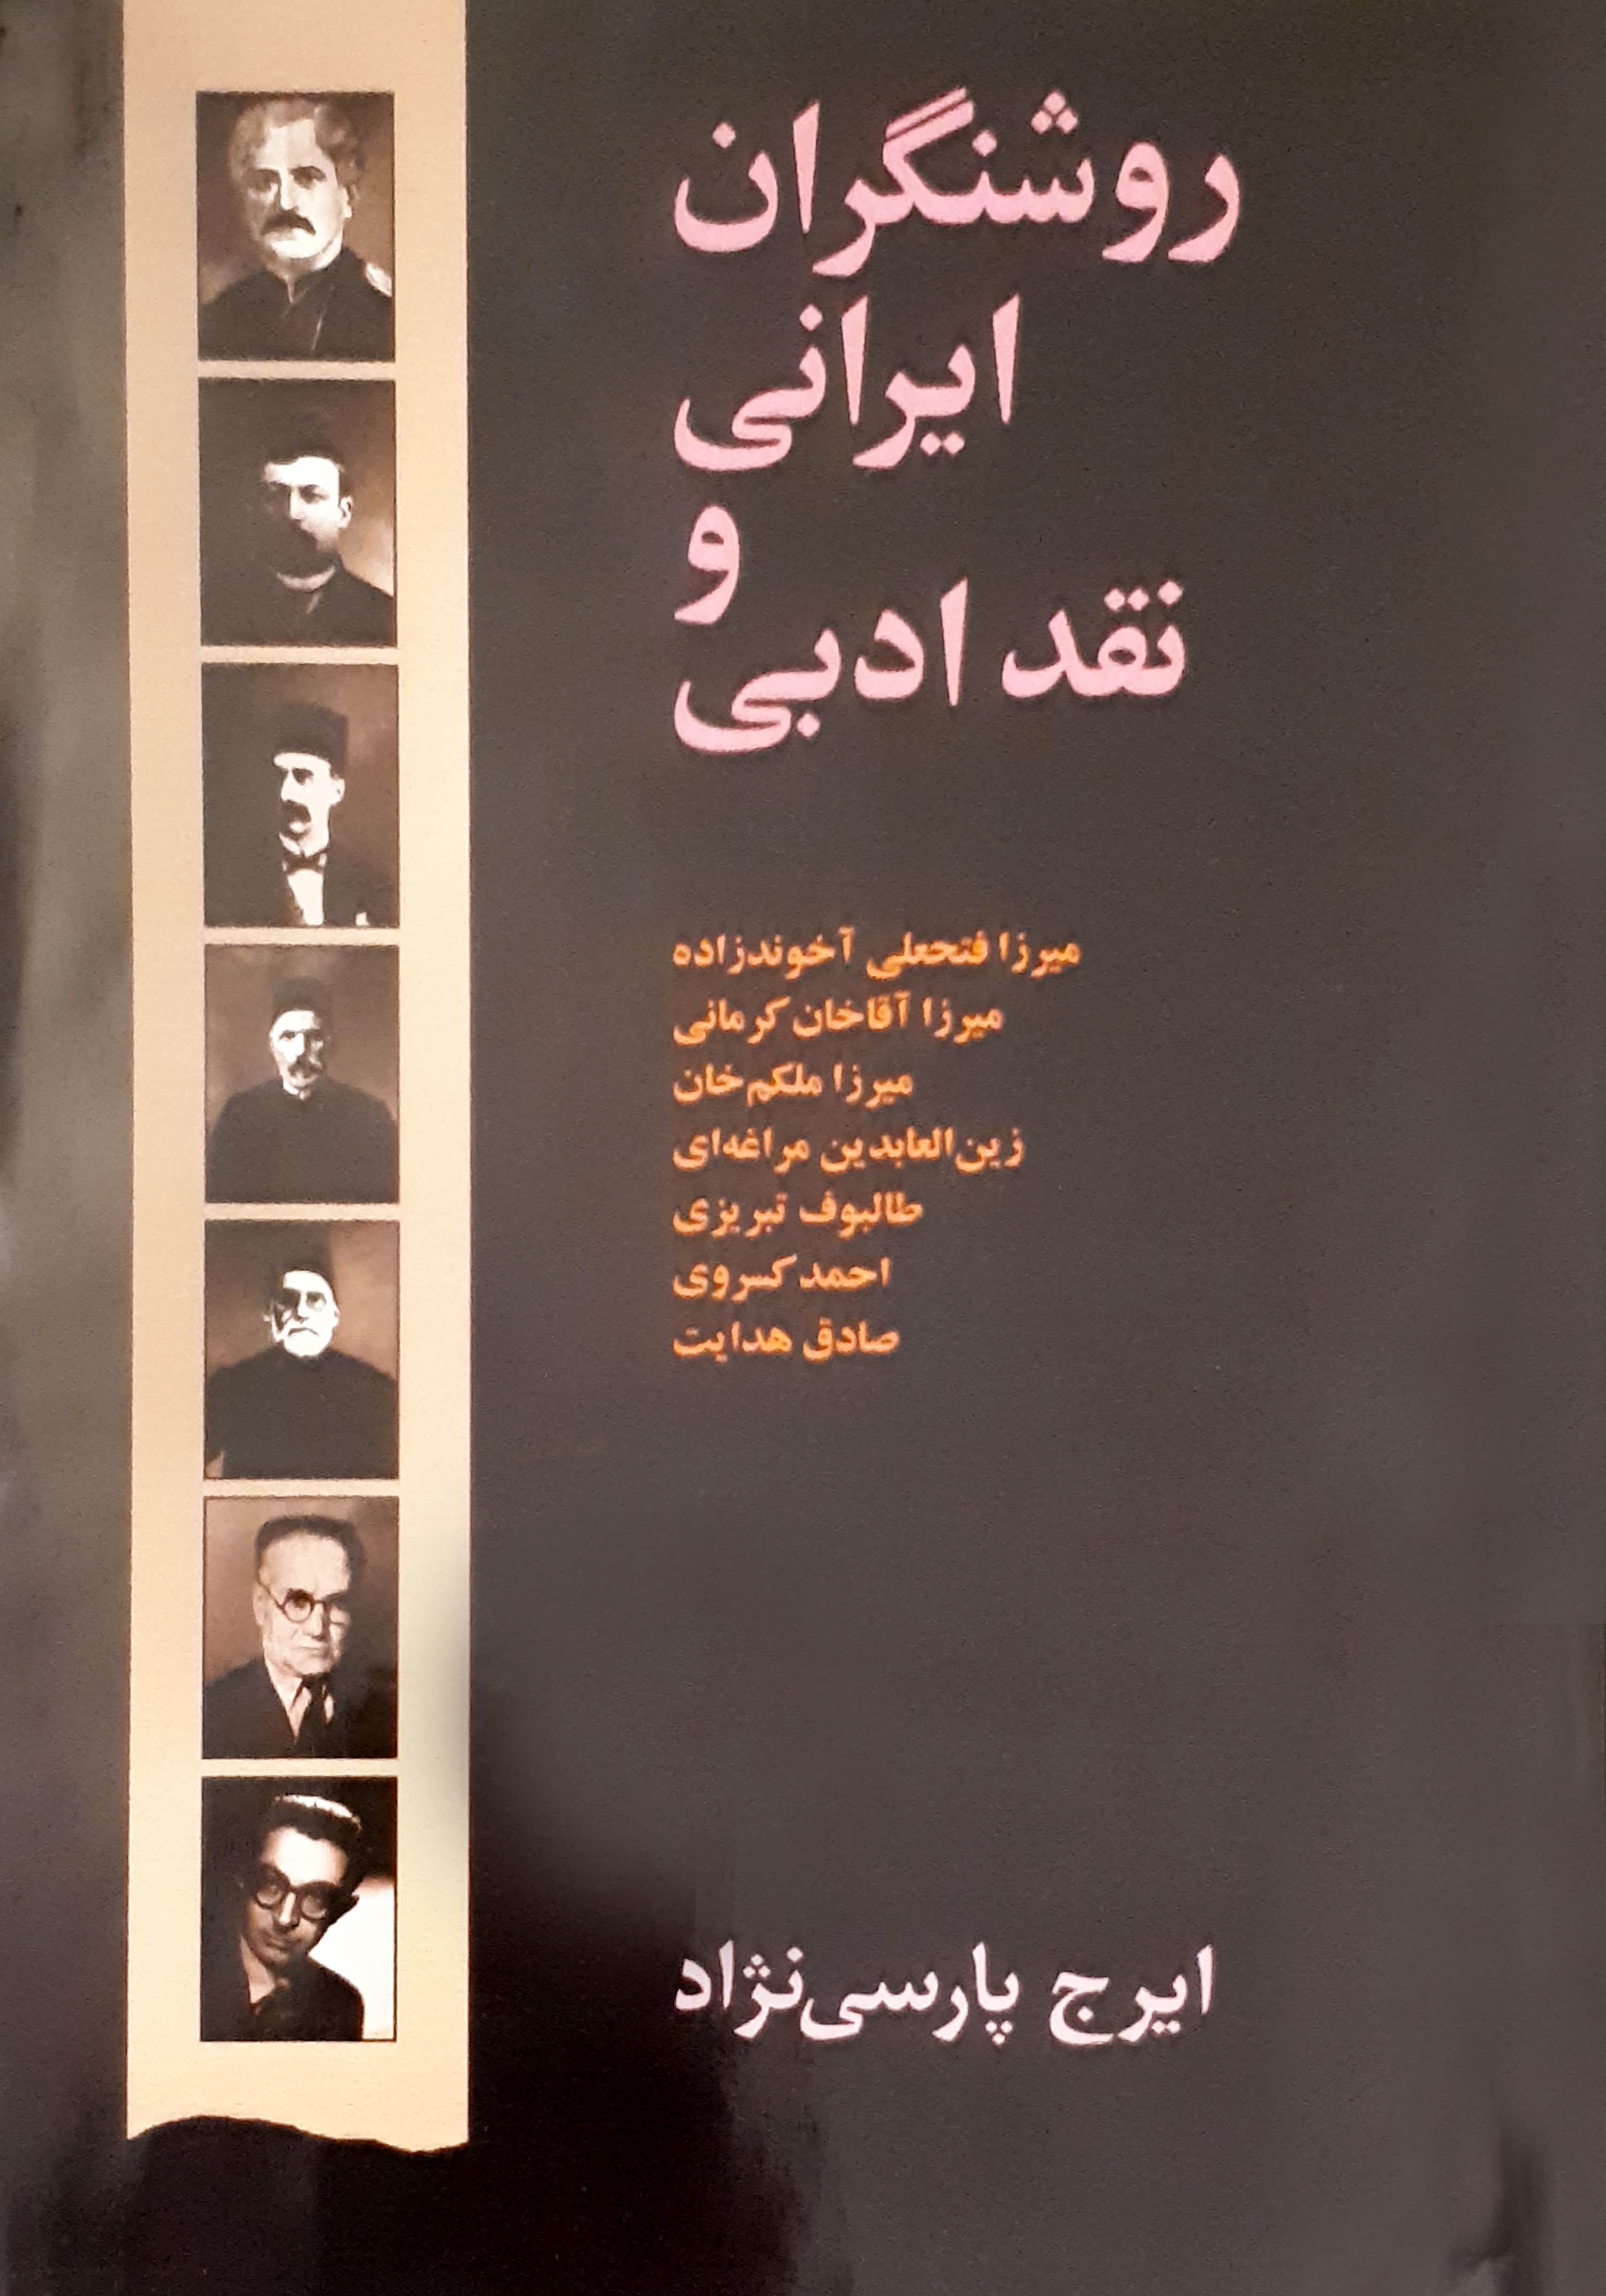 روشنگران ایرانی و نقد ادبی